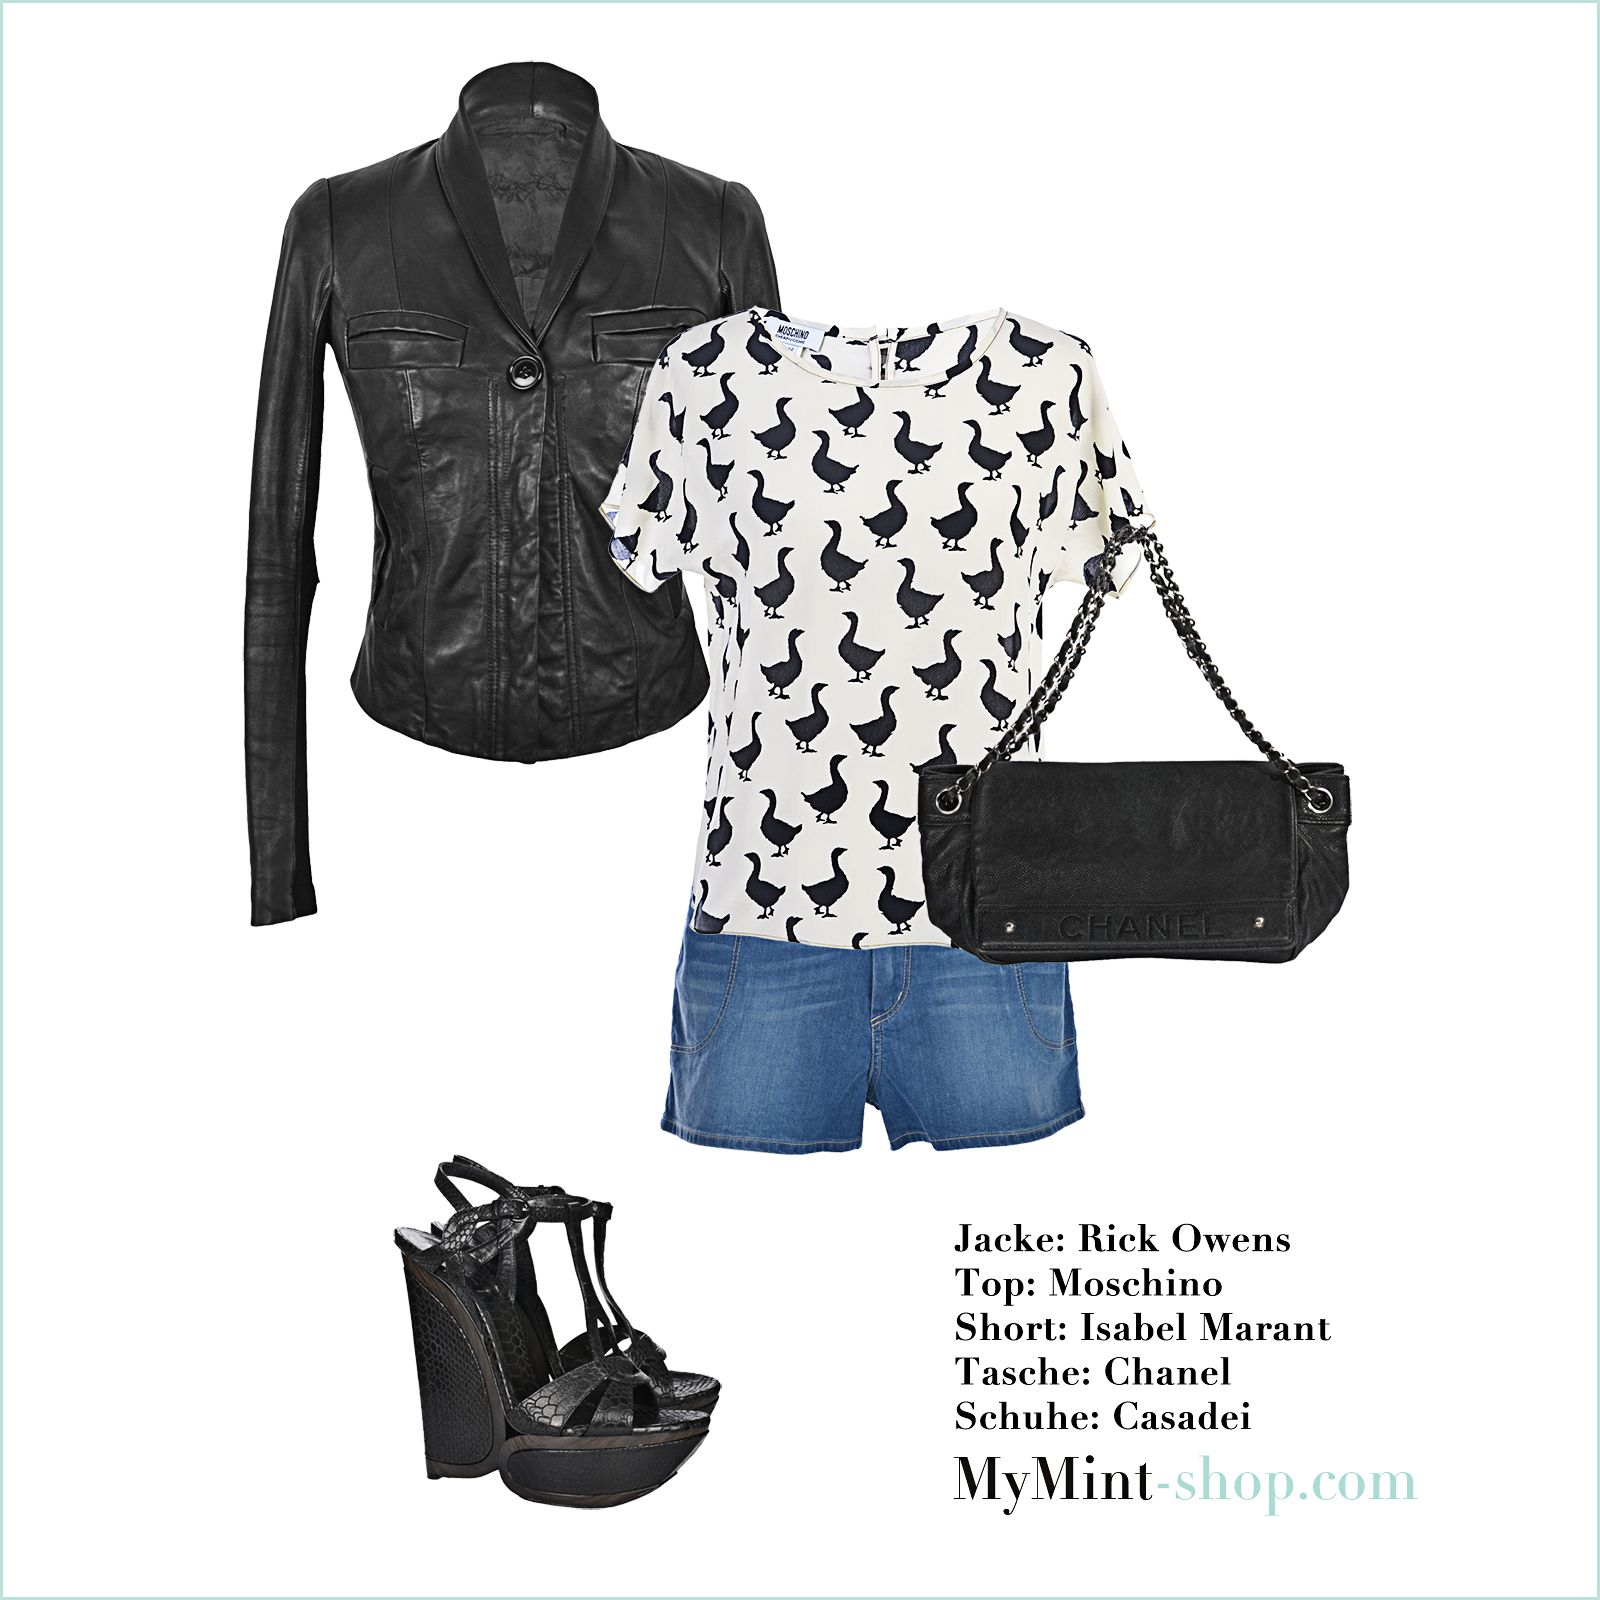 Jacke: #RickOwens Bluse: #Moschino Tasche: #Chanel Jeans: #IsabelMarant Schuhe: #Casadei